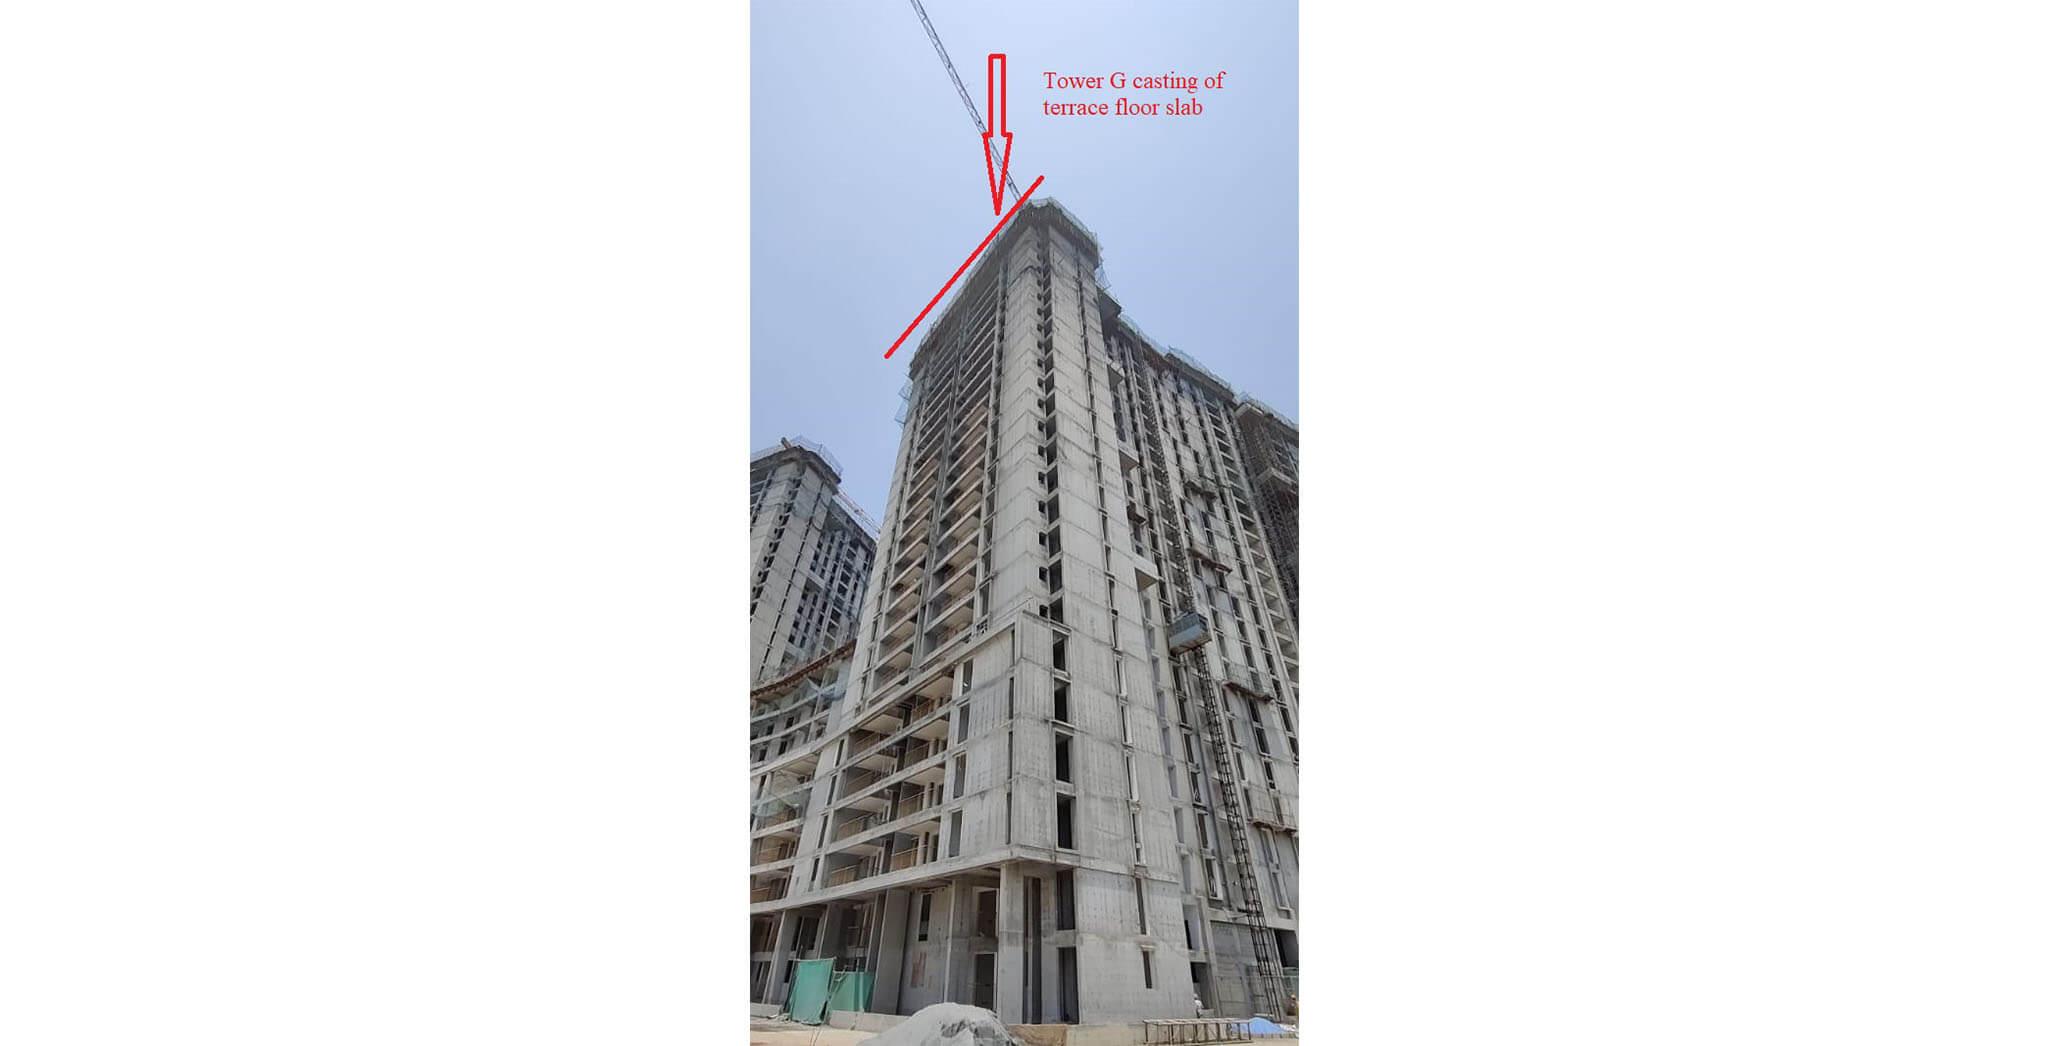 Apr 2021 - Serene: Tower G—On casting of terrace floor slab